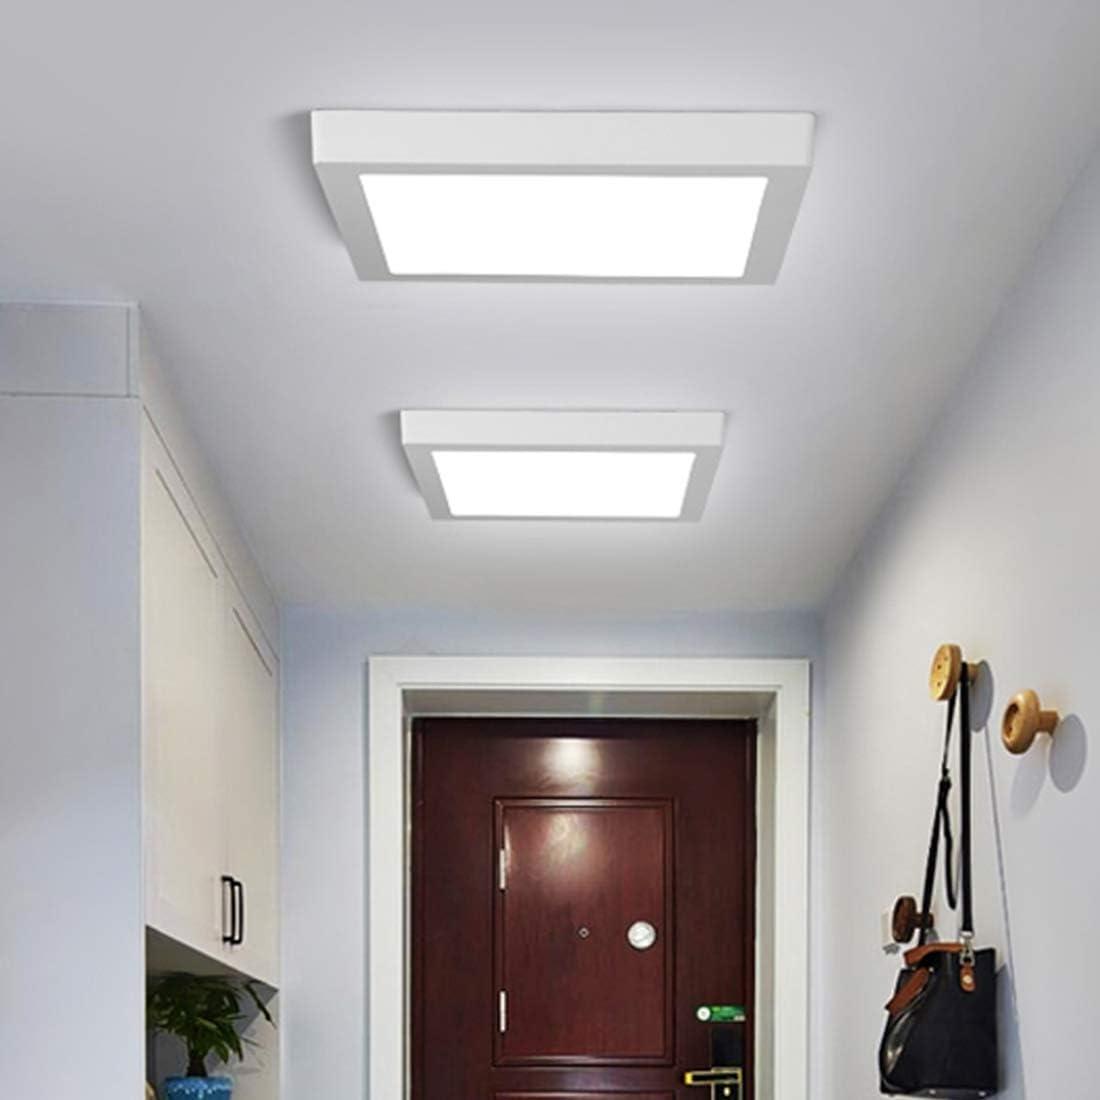 LED Panel Light 18W 1500lm Quadratisch Flat Einbauleuchte 6500K Kaltwei/ß Licht Innenbeleuchtung f/ür B/üro Wohnzimmer Schlafzimmer Badezimmer B/üro Flur Flureinbauleuchte Energieklasse A+